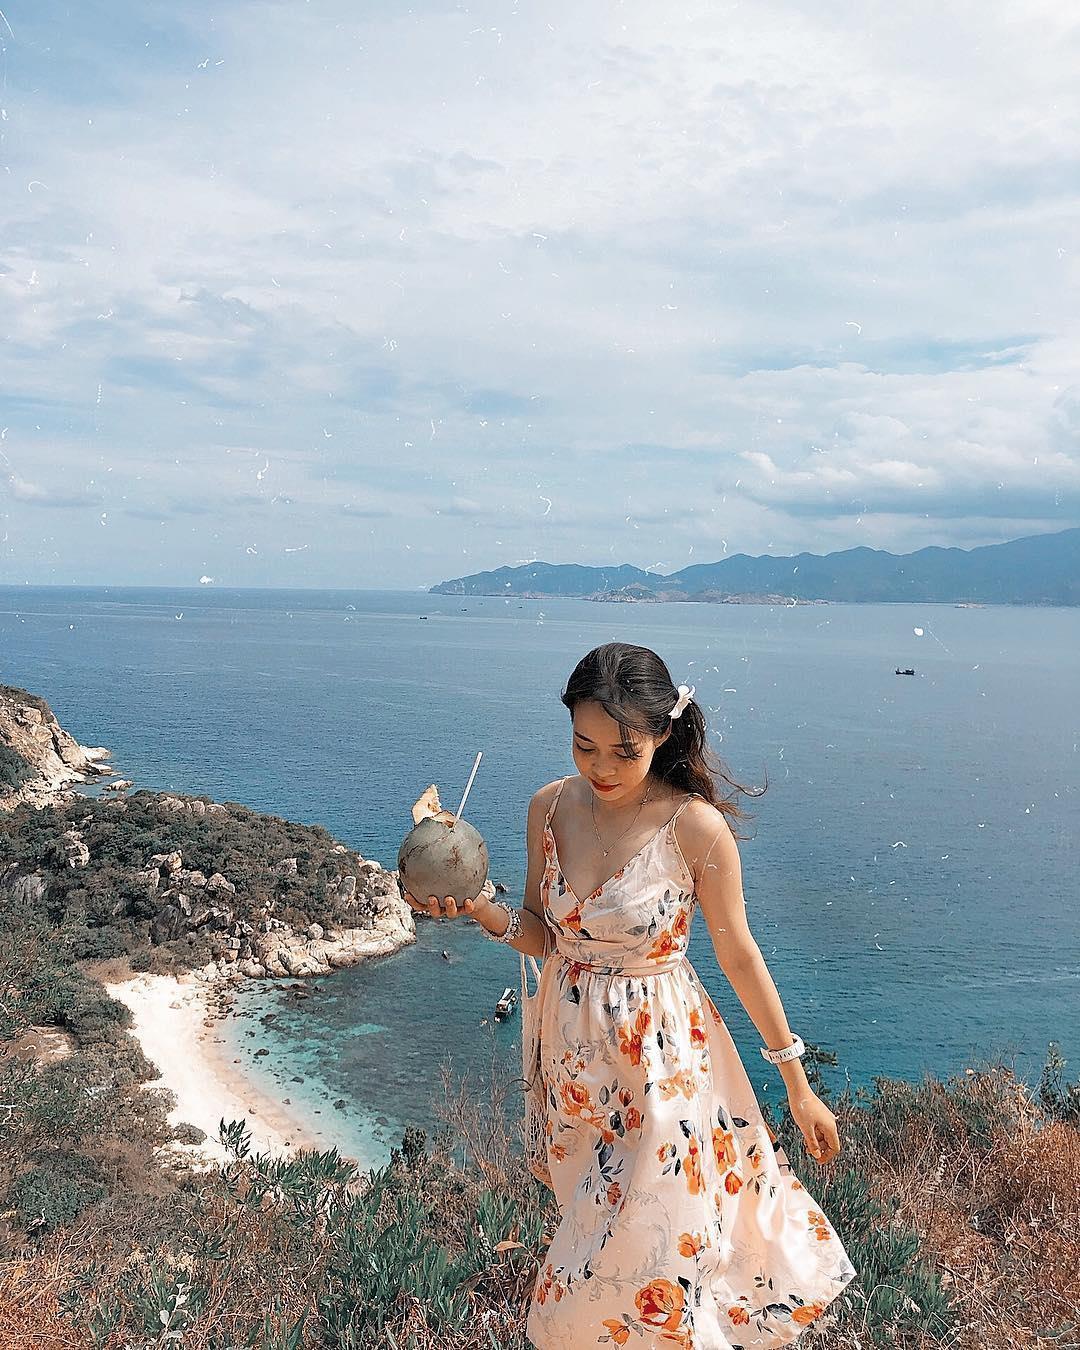 Ngoài bãi biển, Nha Trang còn 6 thiên đường sống ảo đẹp khó cưỡng Ảnh 2